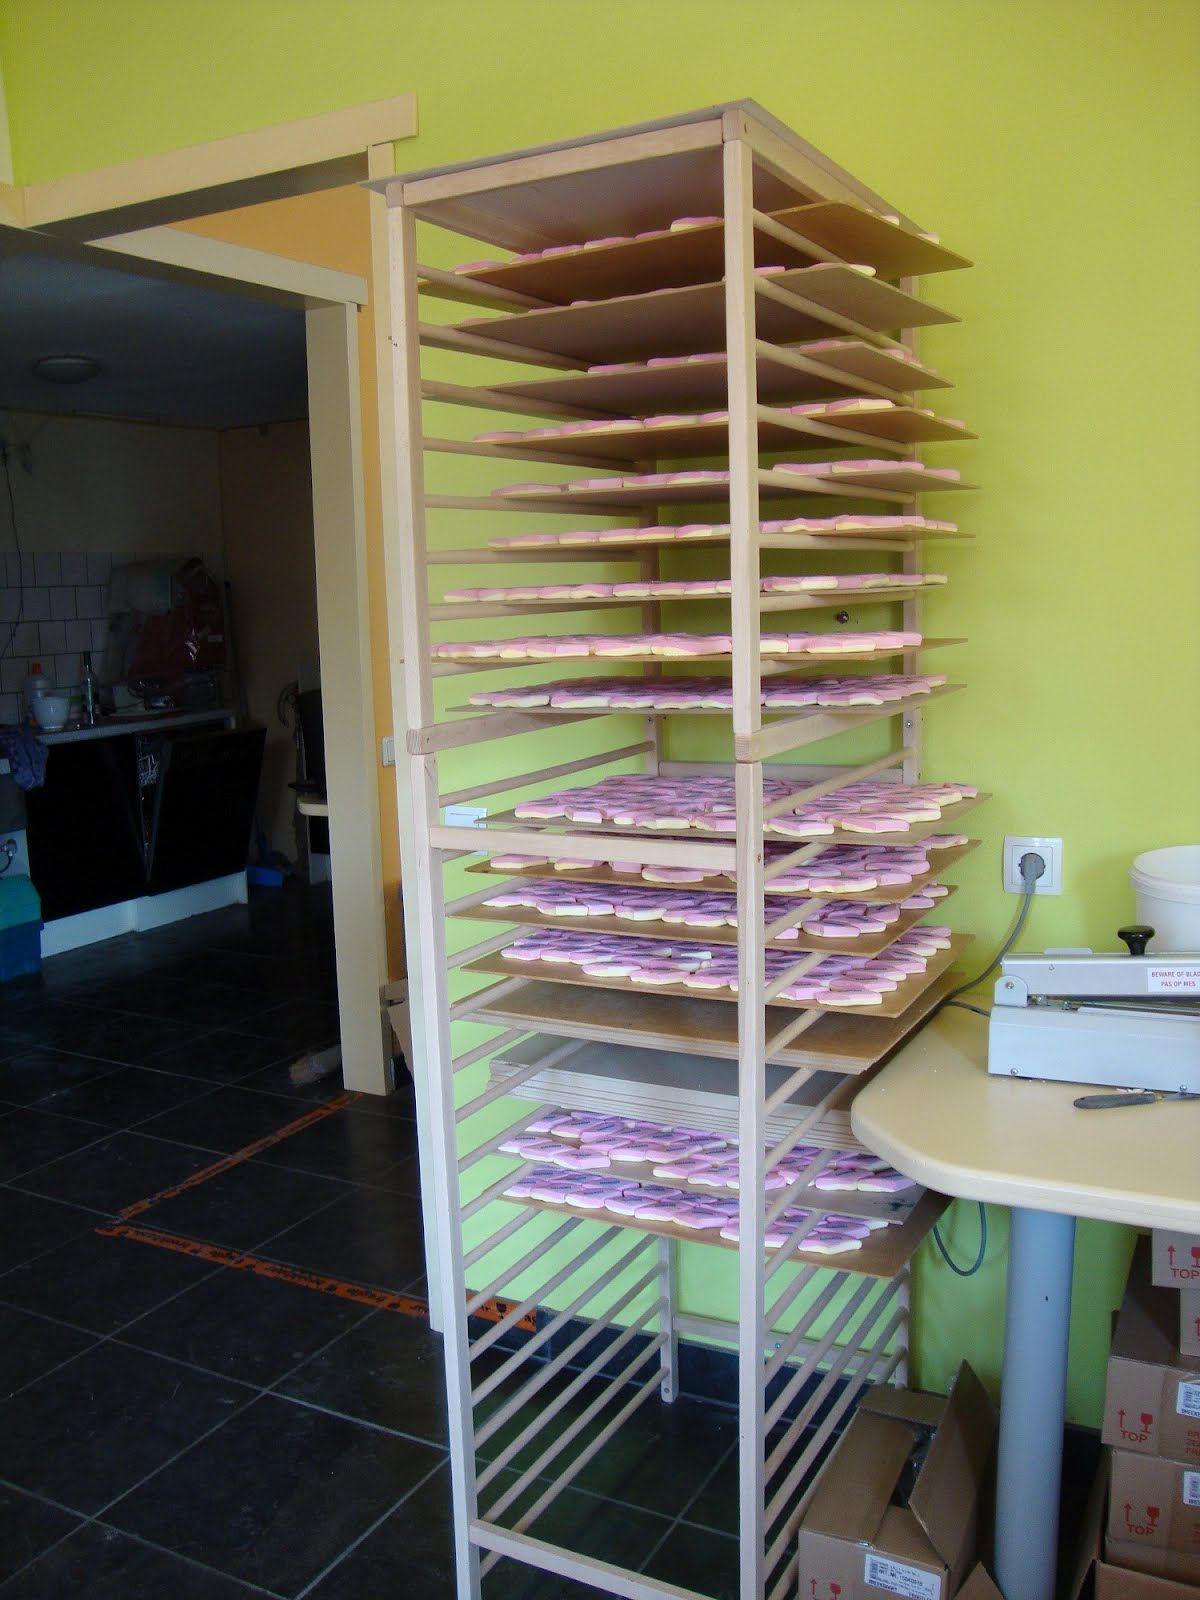 Making A Drying Rack Ikea Hackers Drying Rack Ikea Art Art